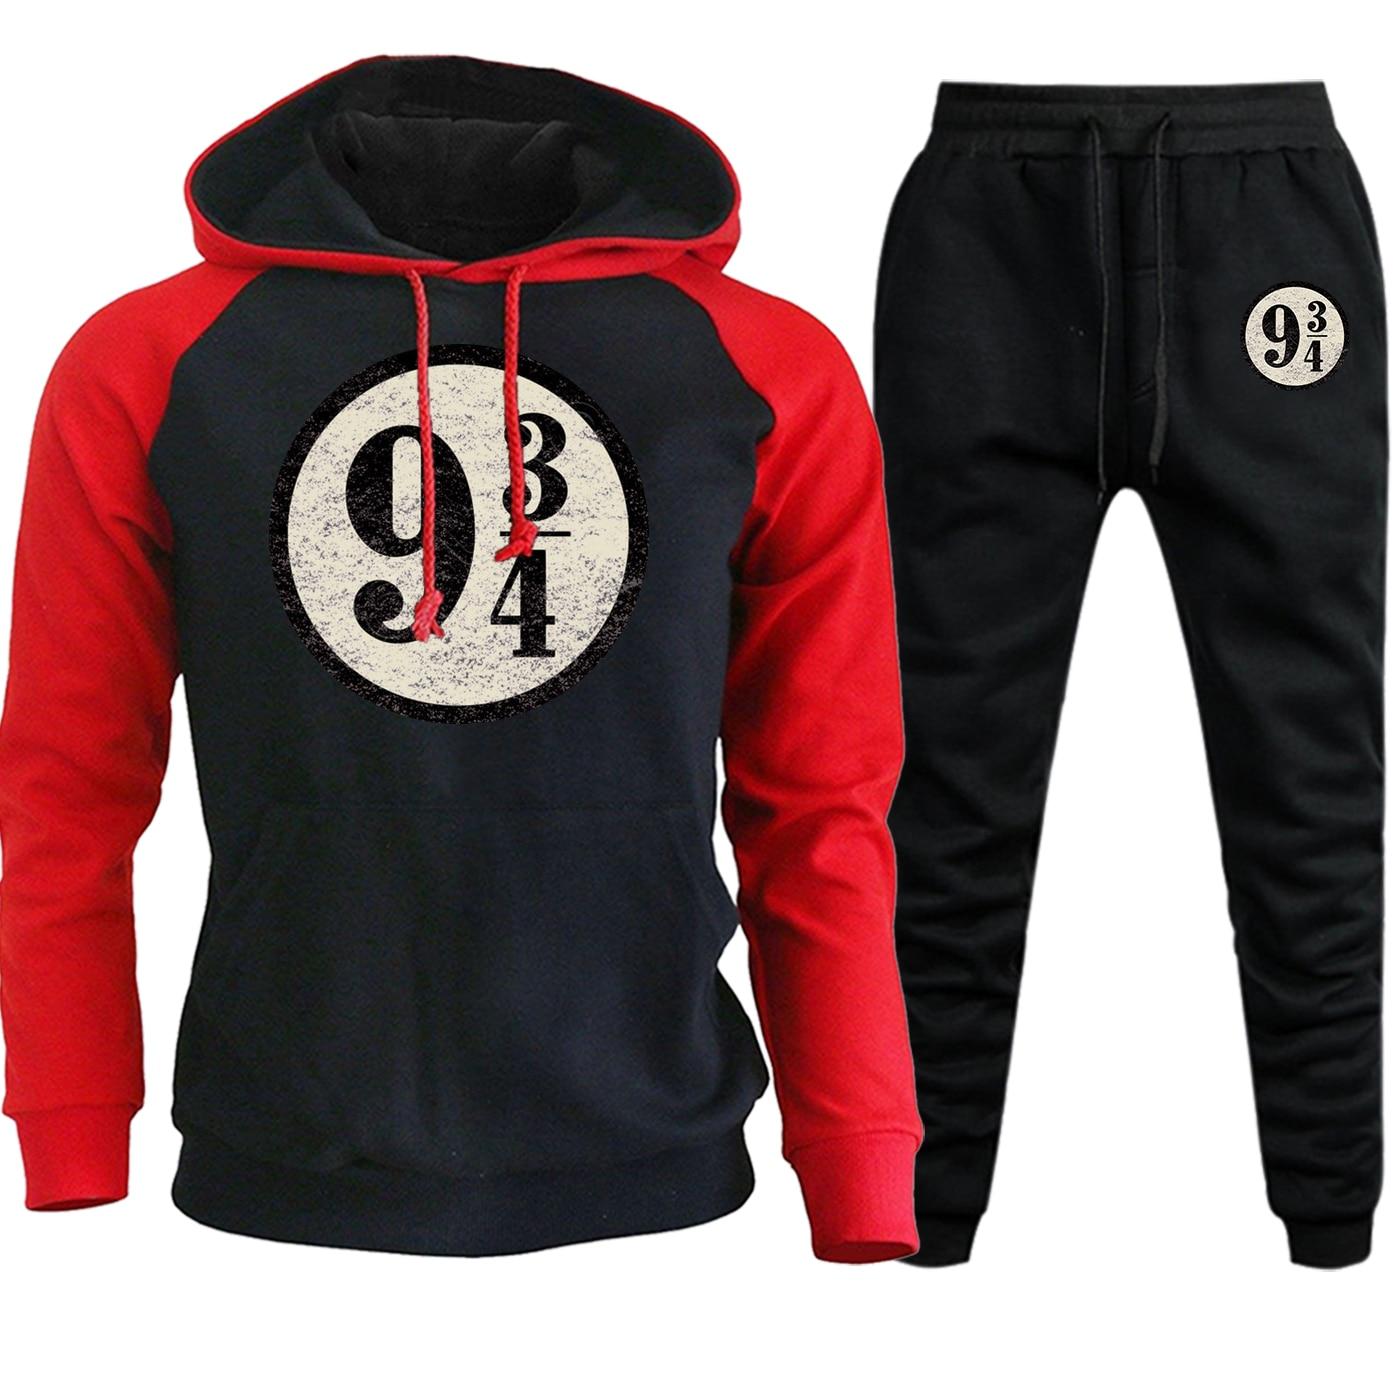 2019 Autumn Winter Hoodie Raglan Mens Sweatshirt Nine And Three Quarters Vintage Printed Suit Fleece Hooded+Pants 2 Piece Set